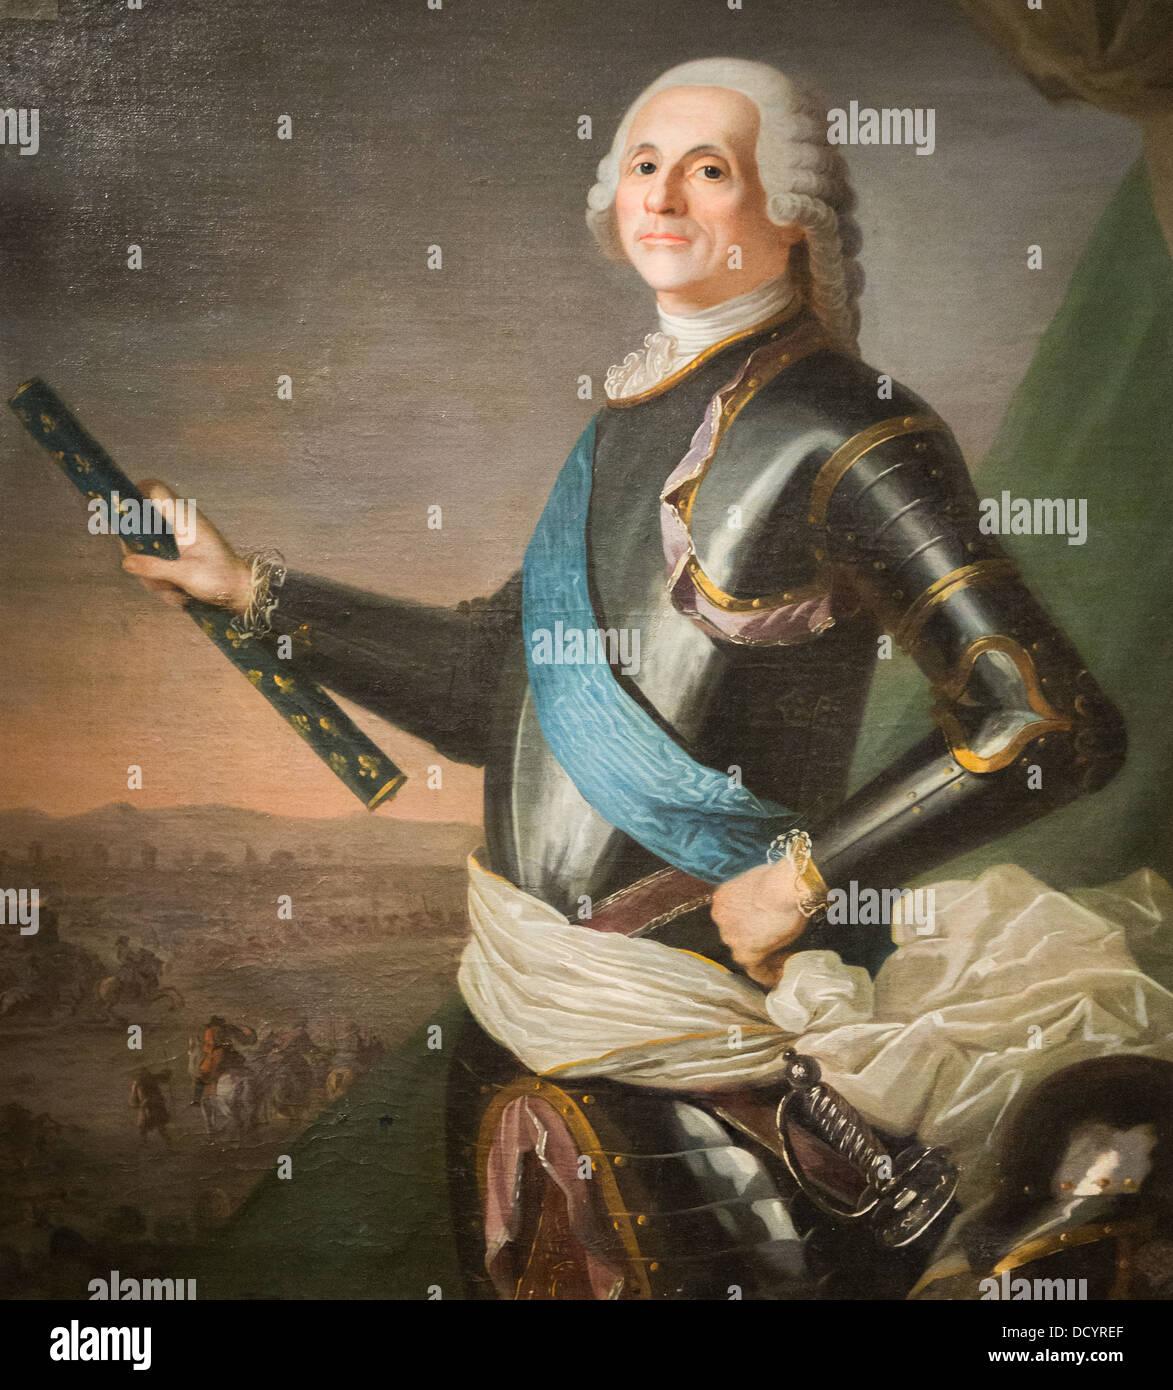 Louis-François-Armand du Plessis, Herzog de Richelieu - anonym - Musée de l'Armée - Hôtel Stockbild